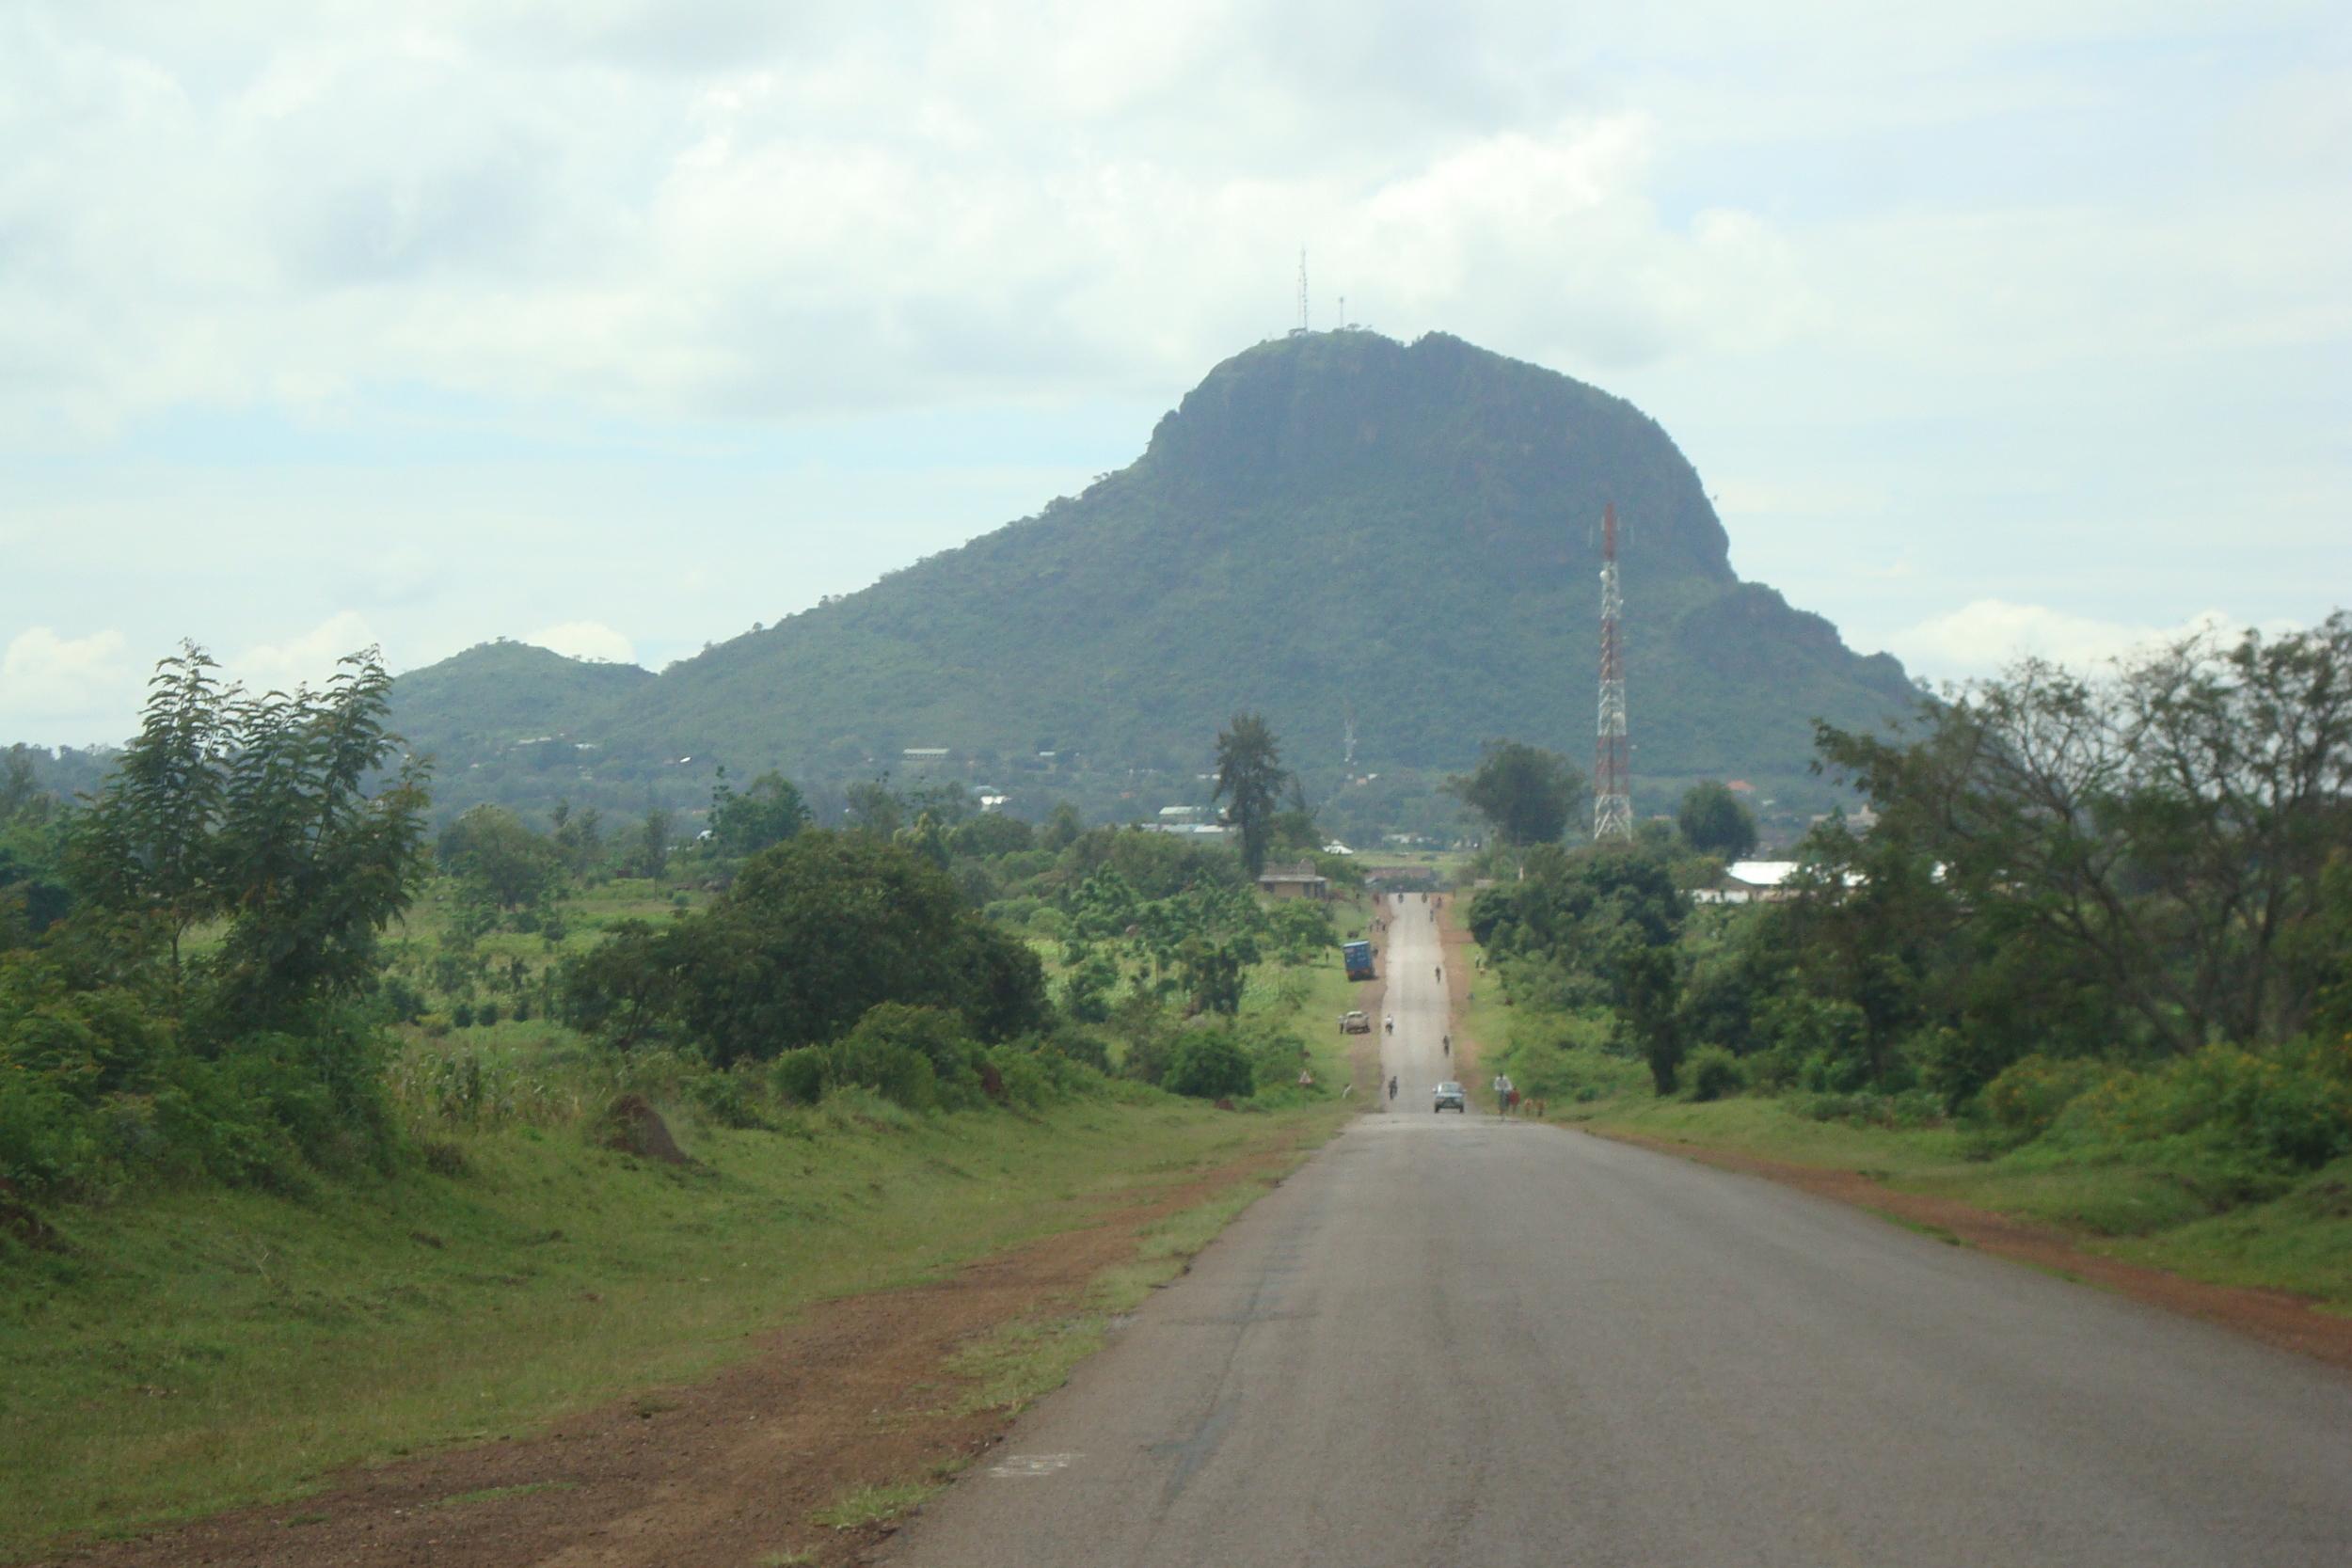 Tororo Rock in Eastern Uganda